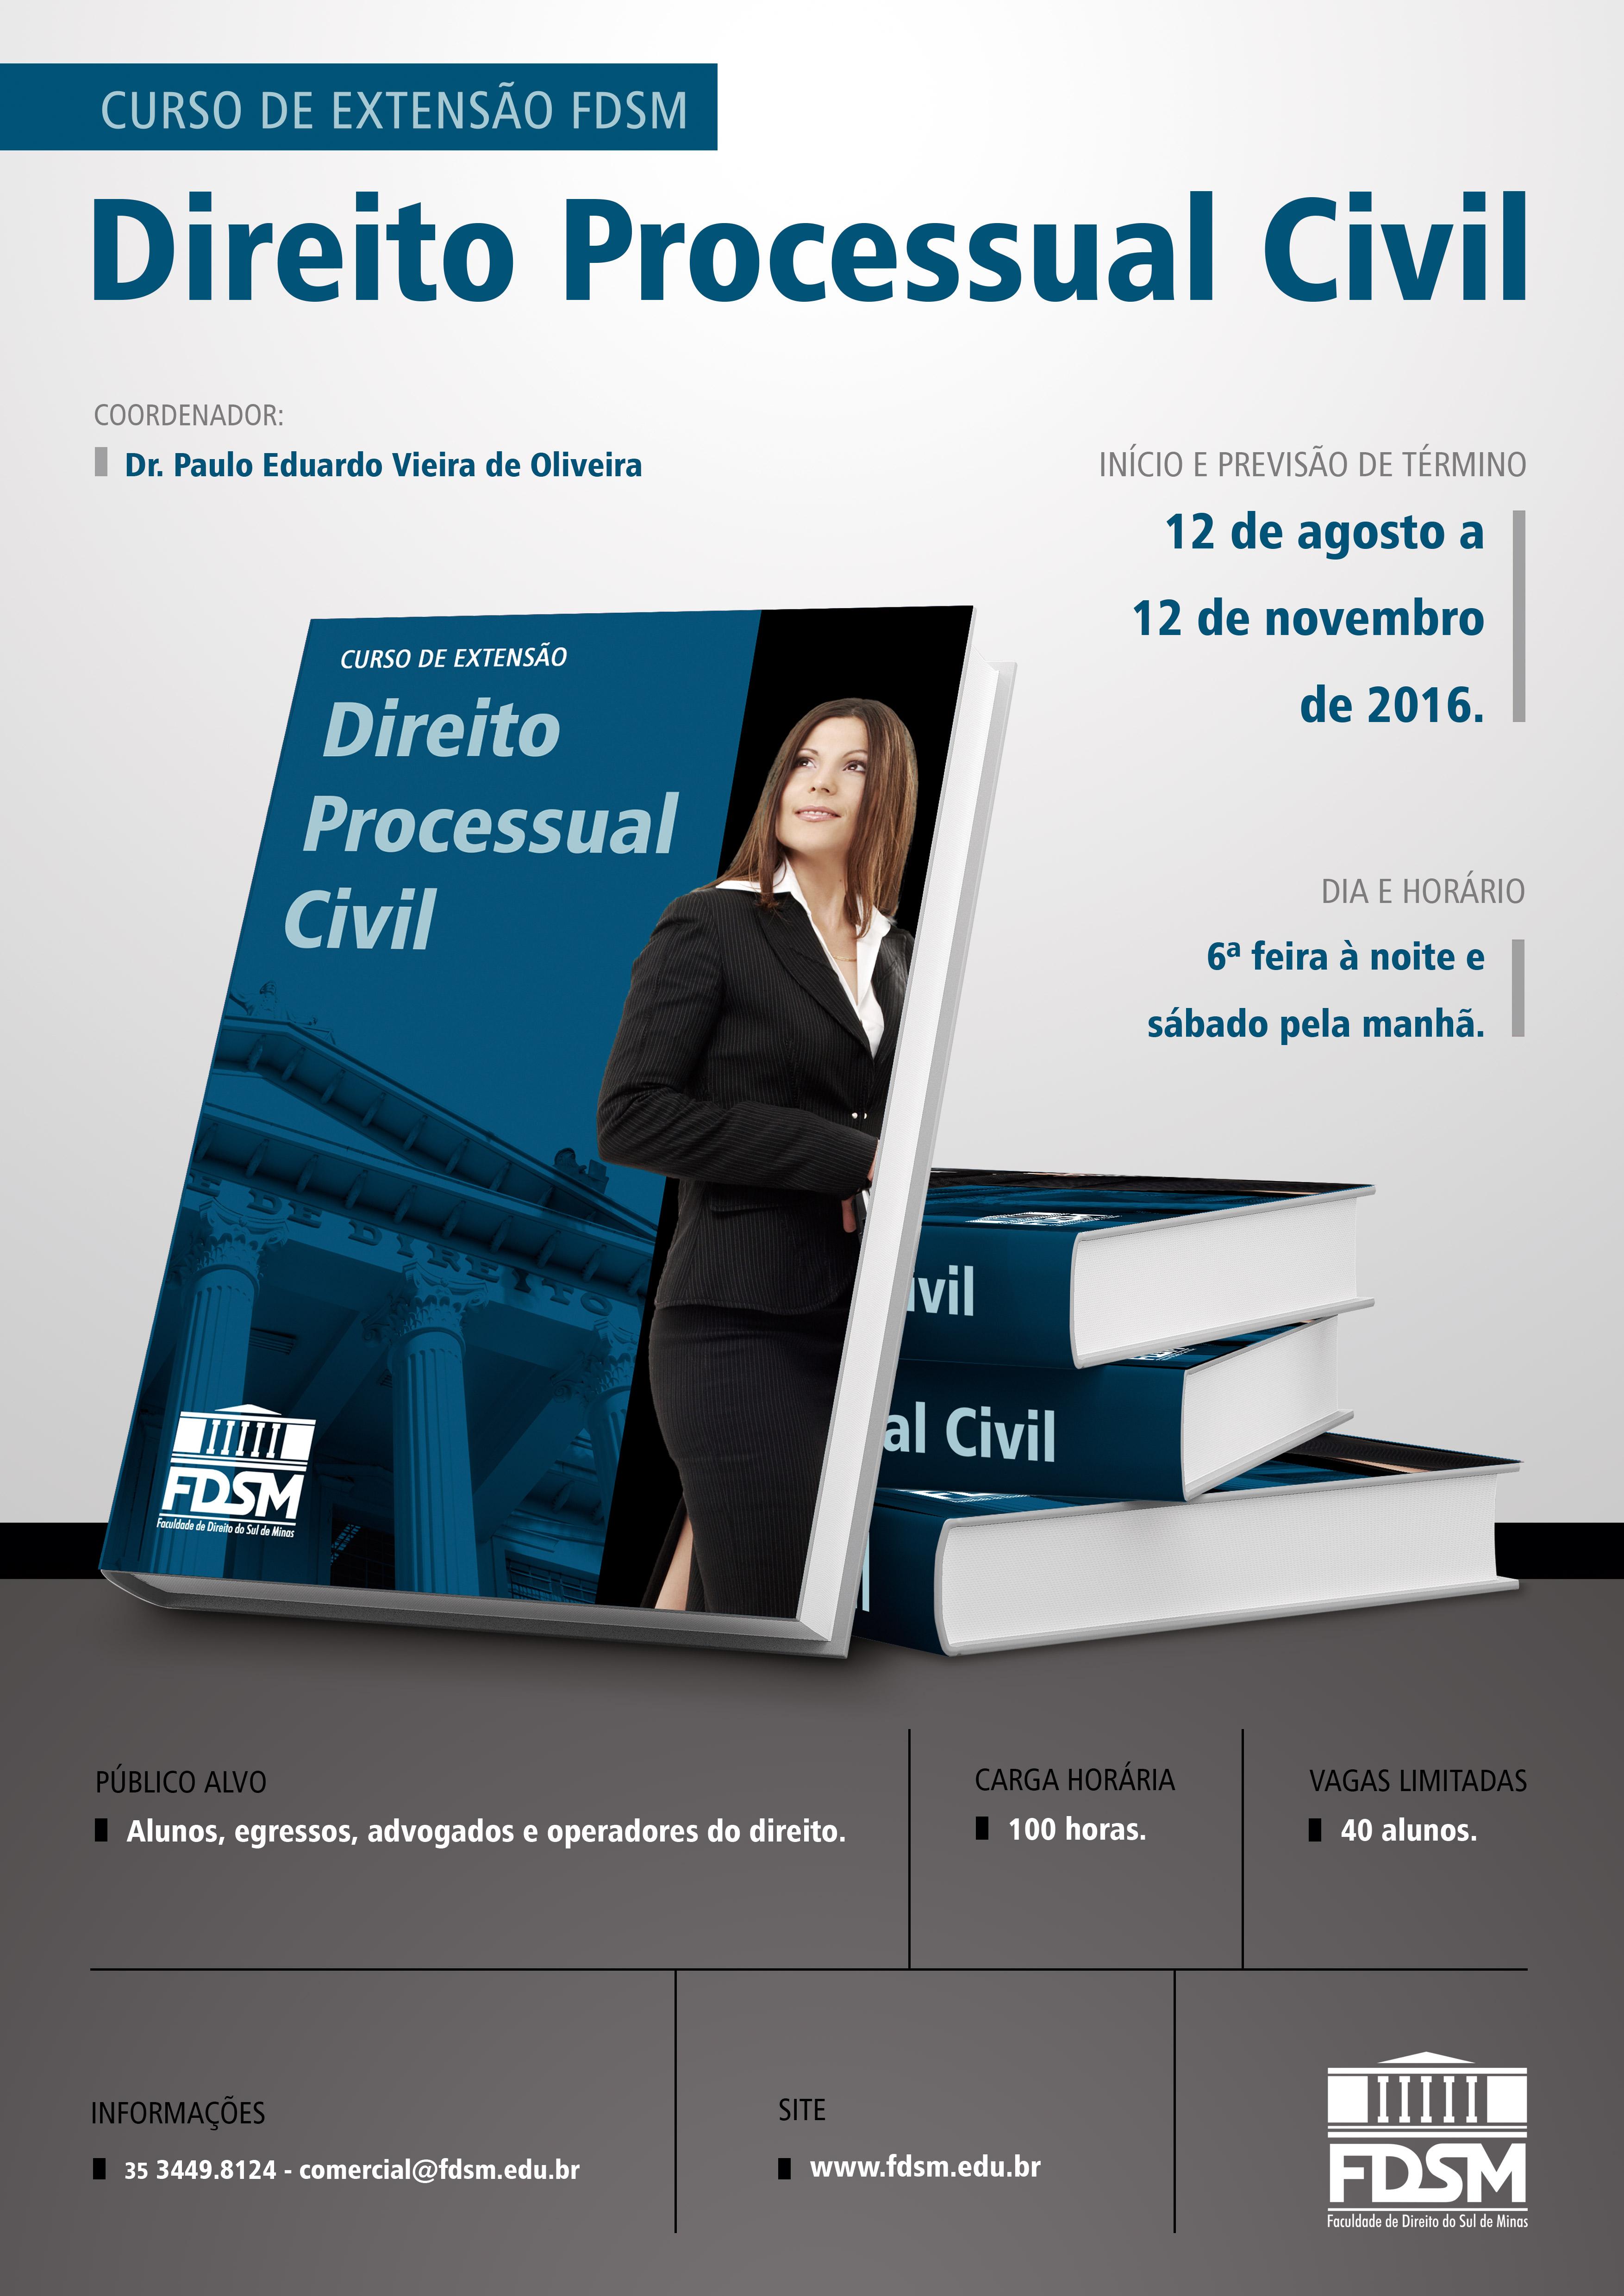 Noticia 2426 - CURSO DE EXTENSÃO EM DIREITO PROCESSUAL CIVIL